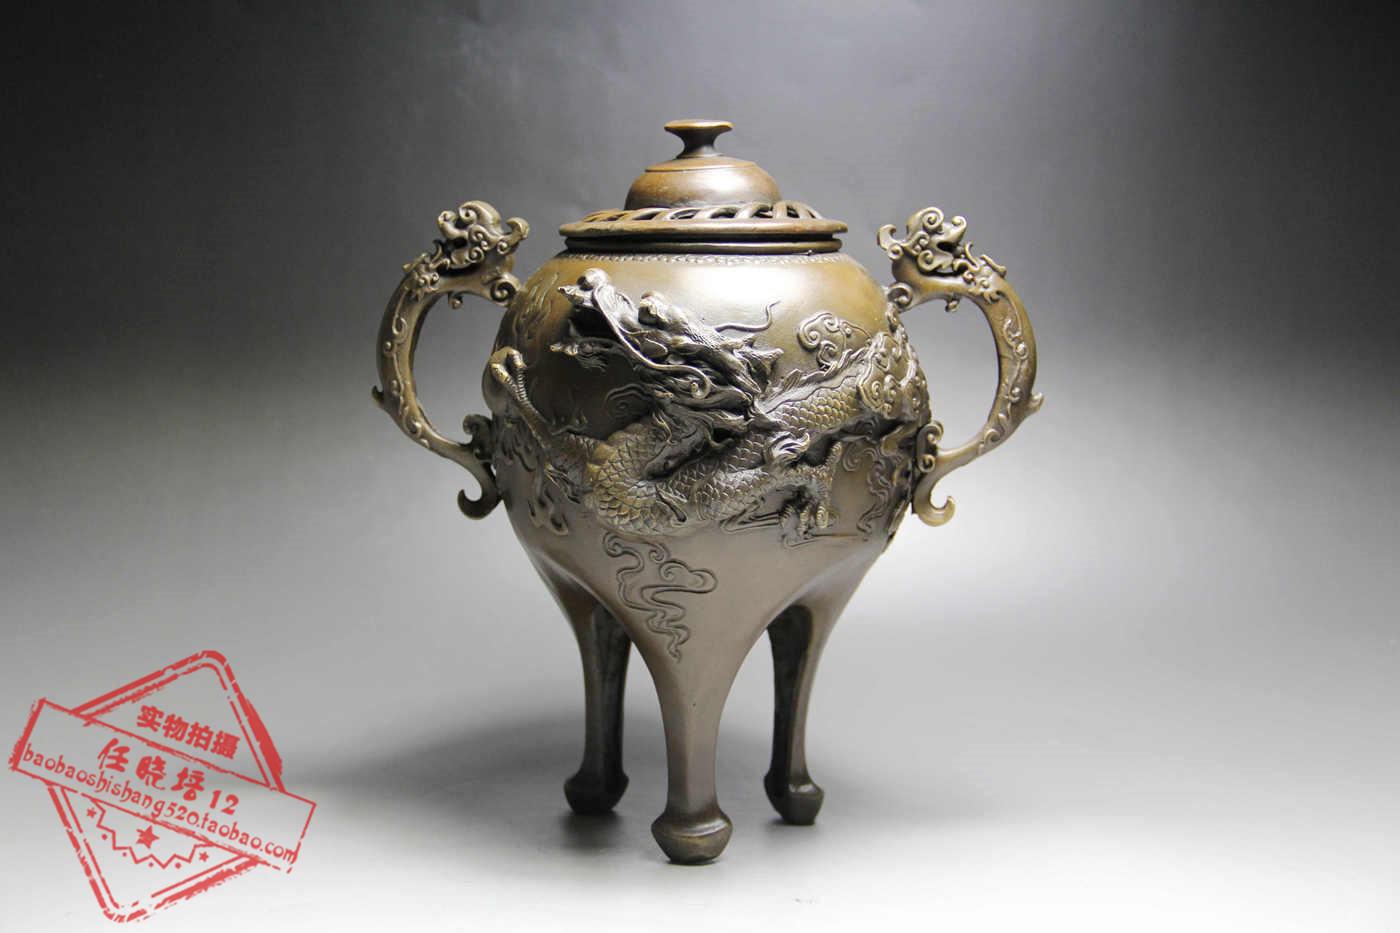 日本代购 雕像 雕刻香炉 铜制精彫 雕塑摆件艺术饰品客厅工艺品 Изображение 1